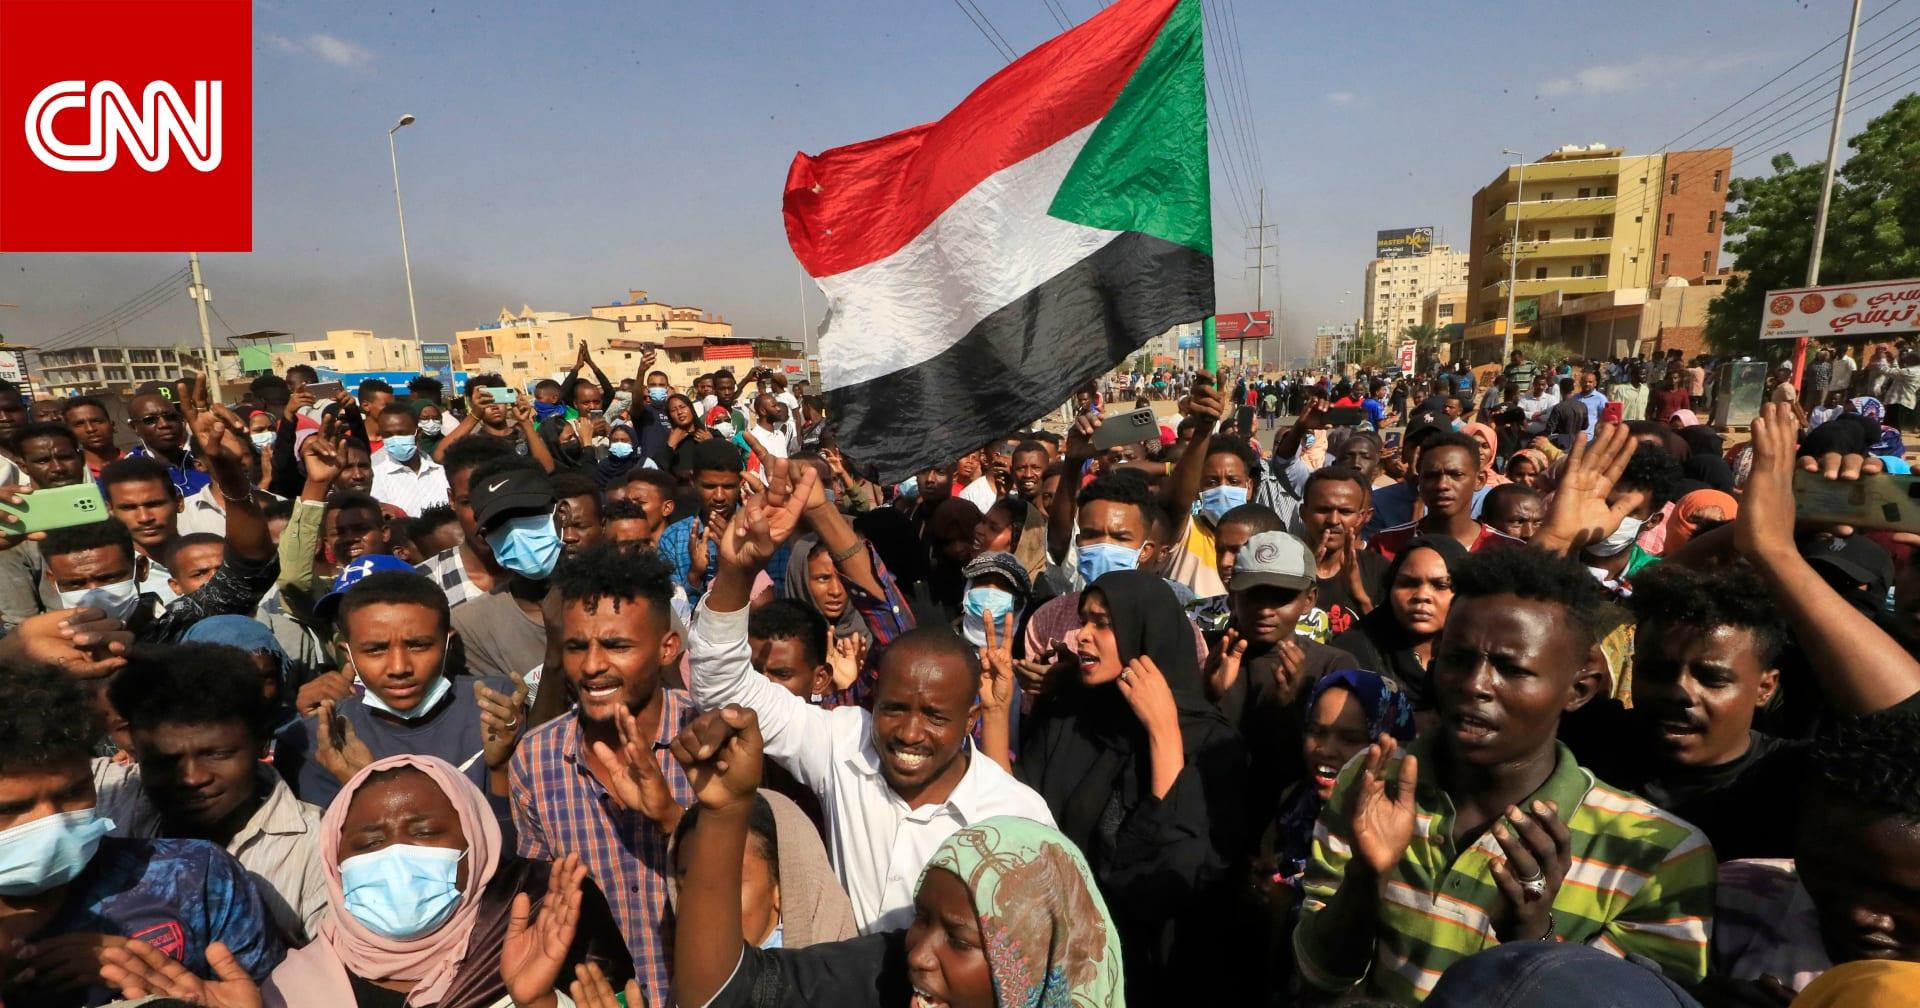 مجلس الأمن الدولي يطالب الجيش بإعادة الحكومة إلى المدنيين في السودان